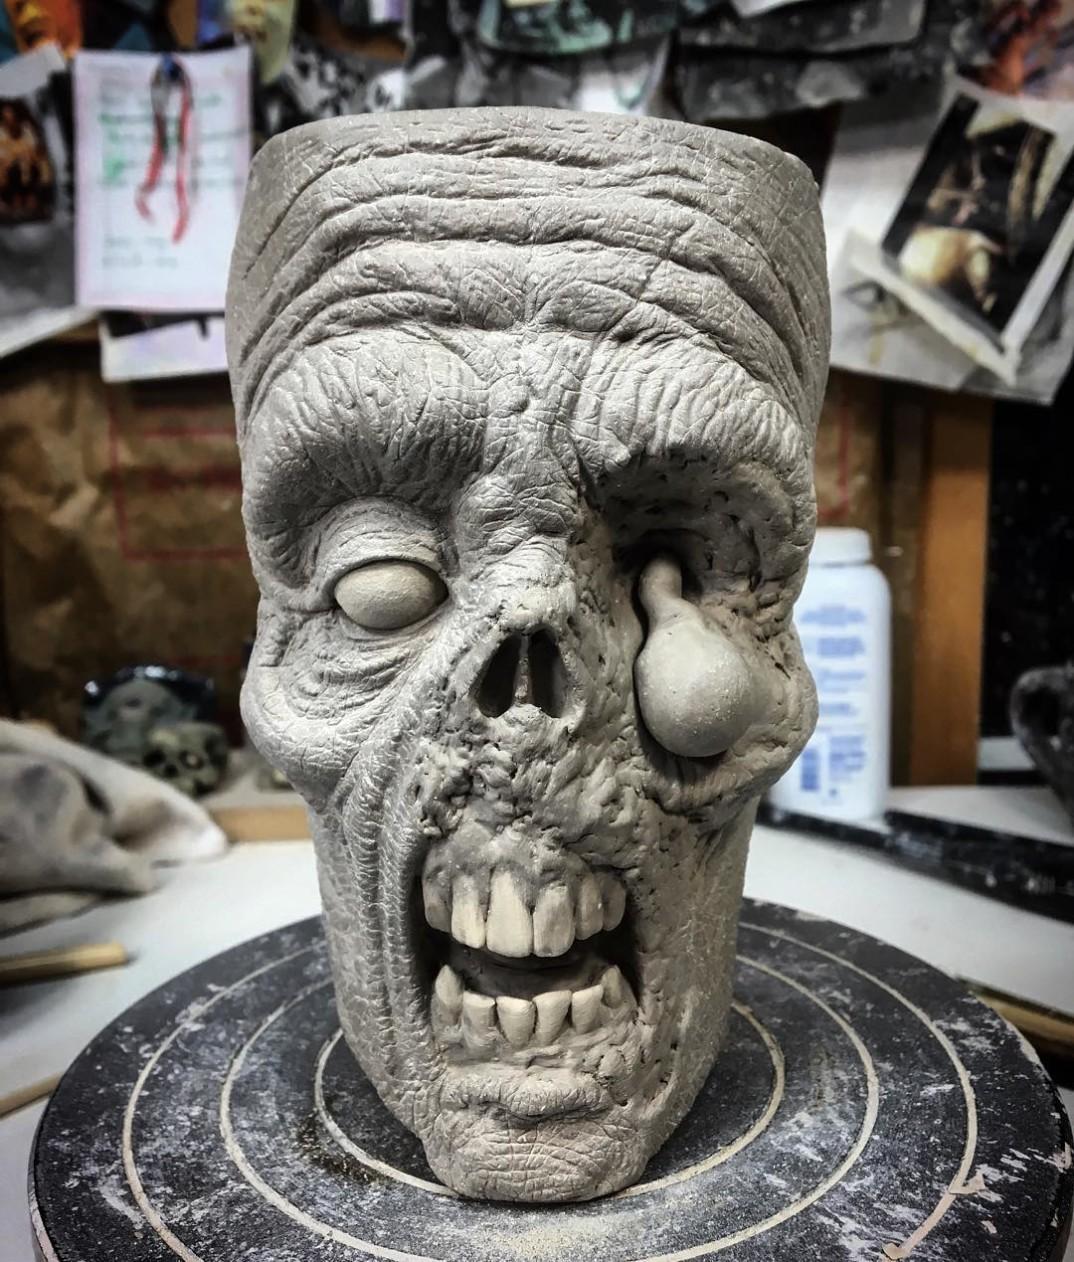 tazza-horror-zombie-joe-kevin-turkey-merck-6